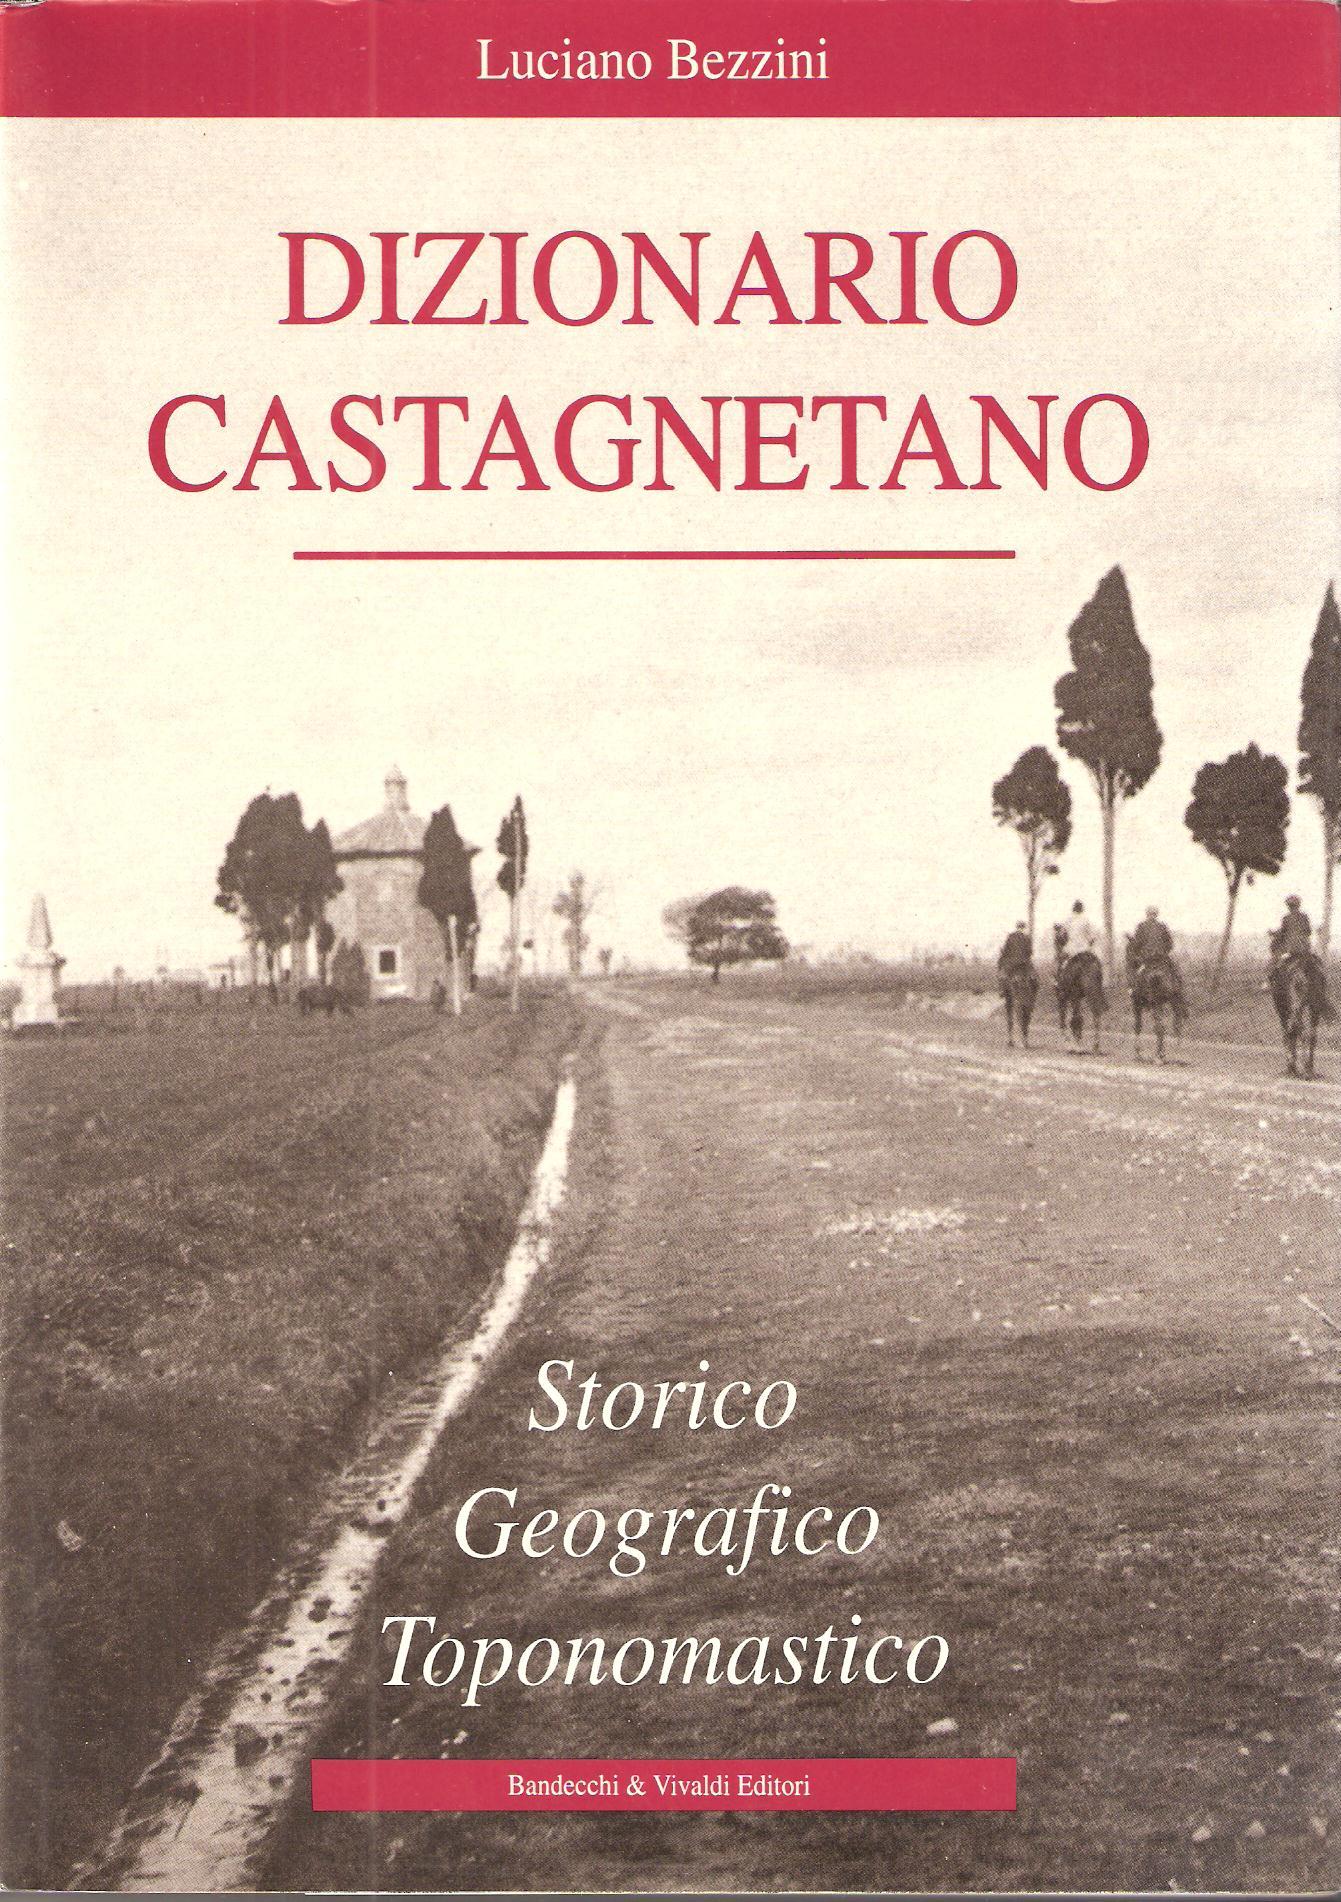 Dizionario castagnet...